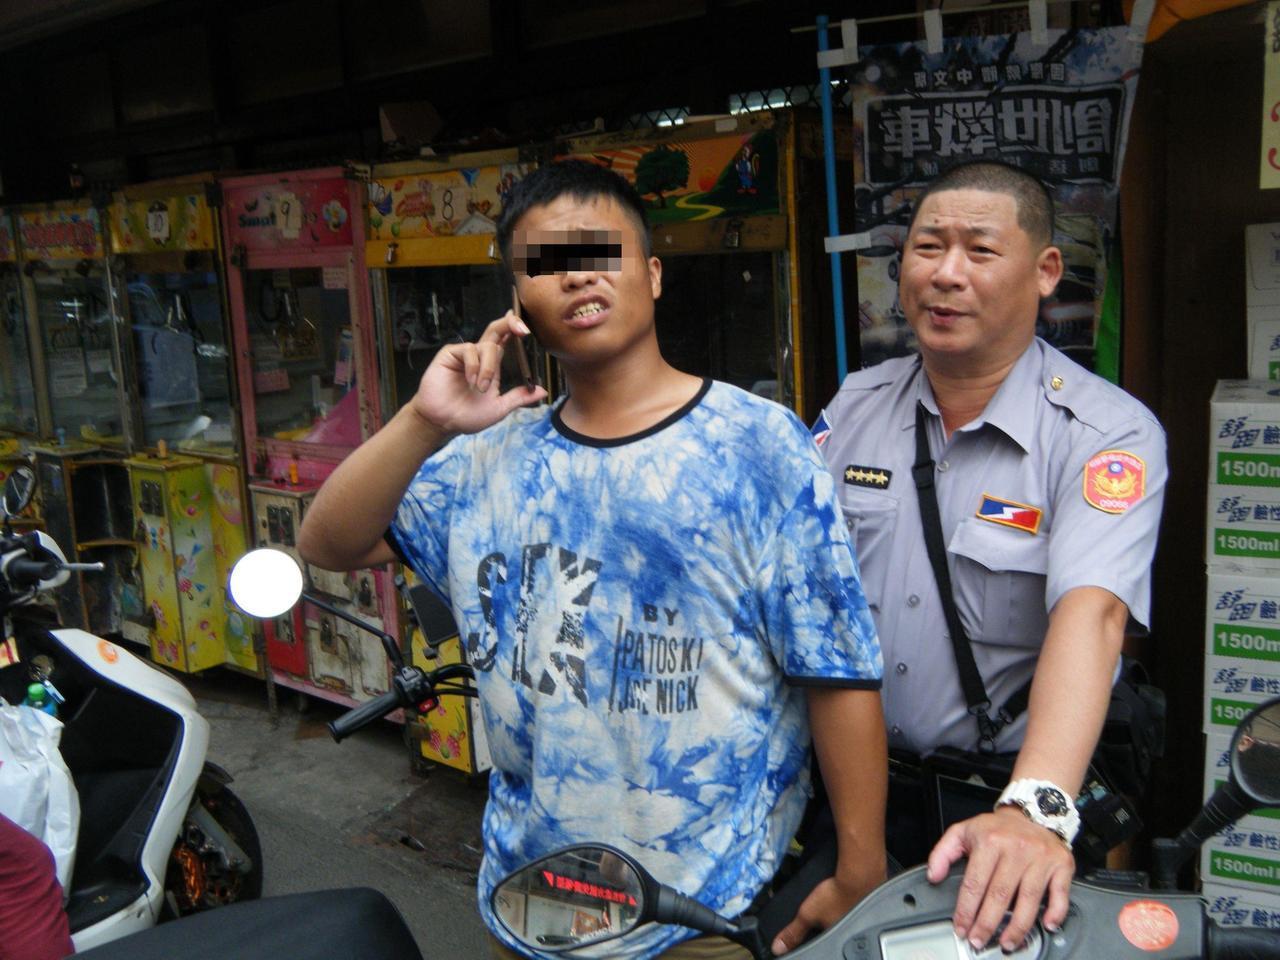 曾姓男子(左)通緝被捕,連忙打電話通知女友將短暫分開。記者林保光/翻攝